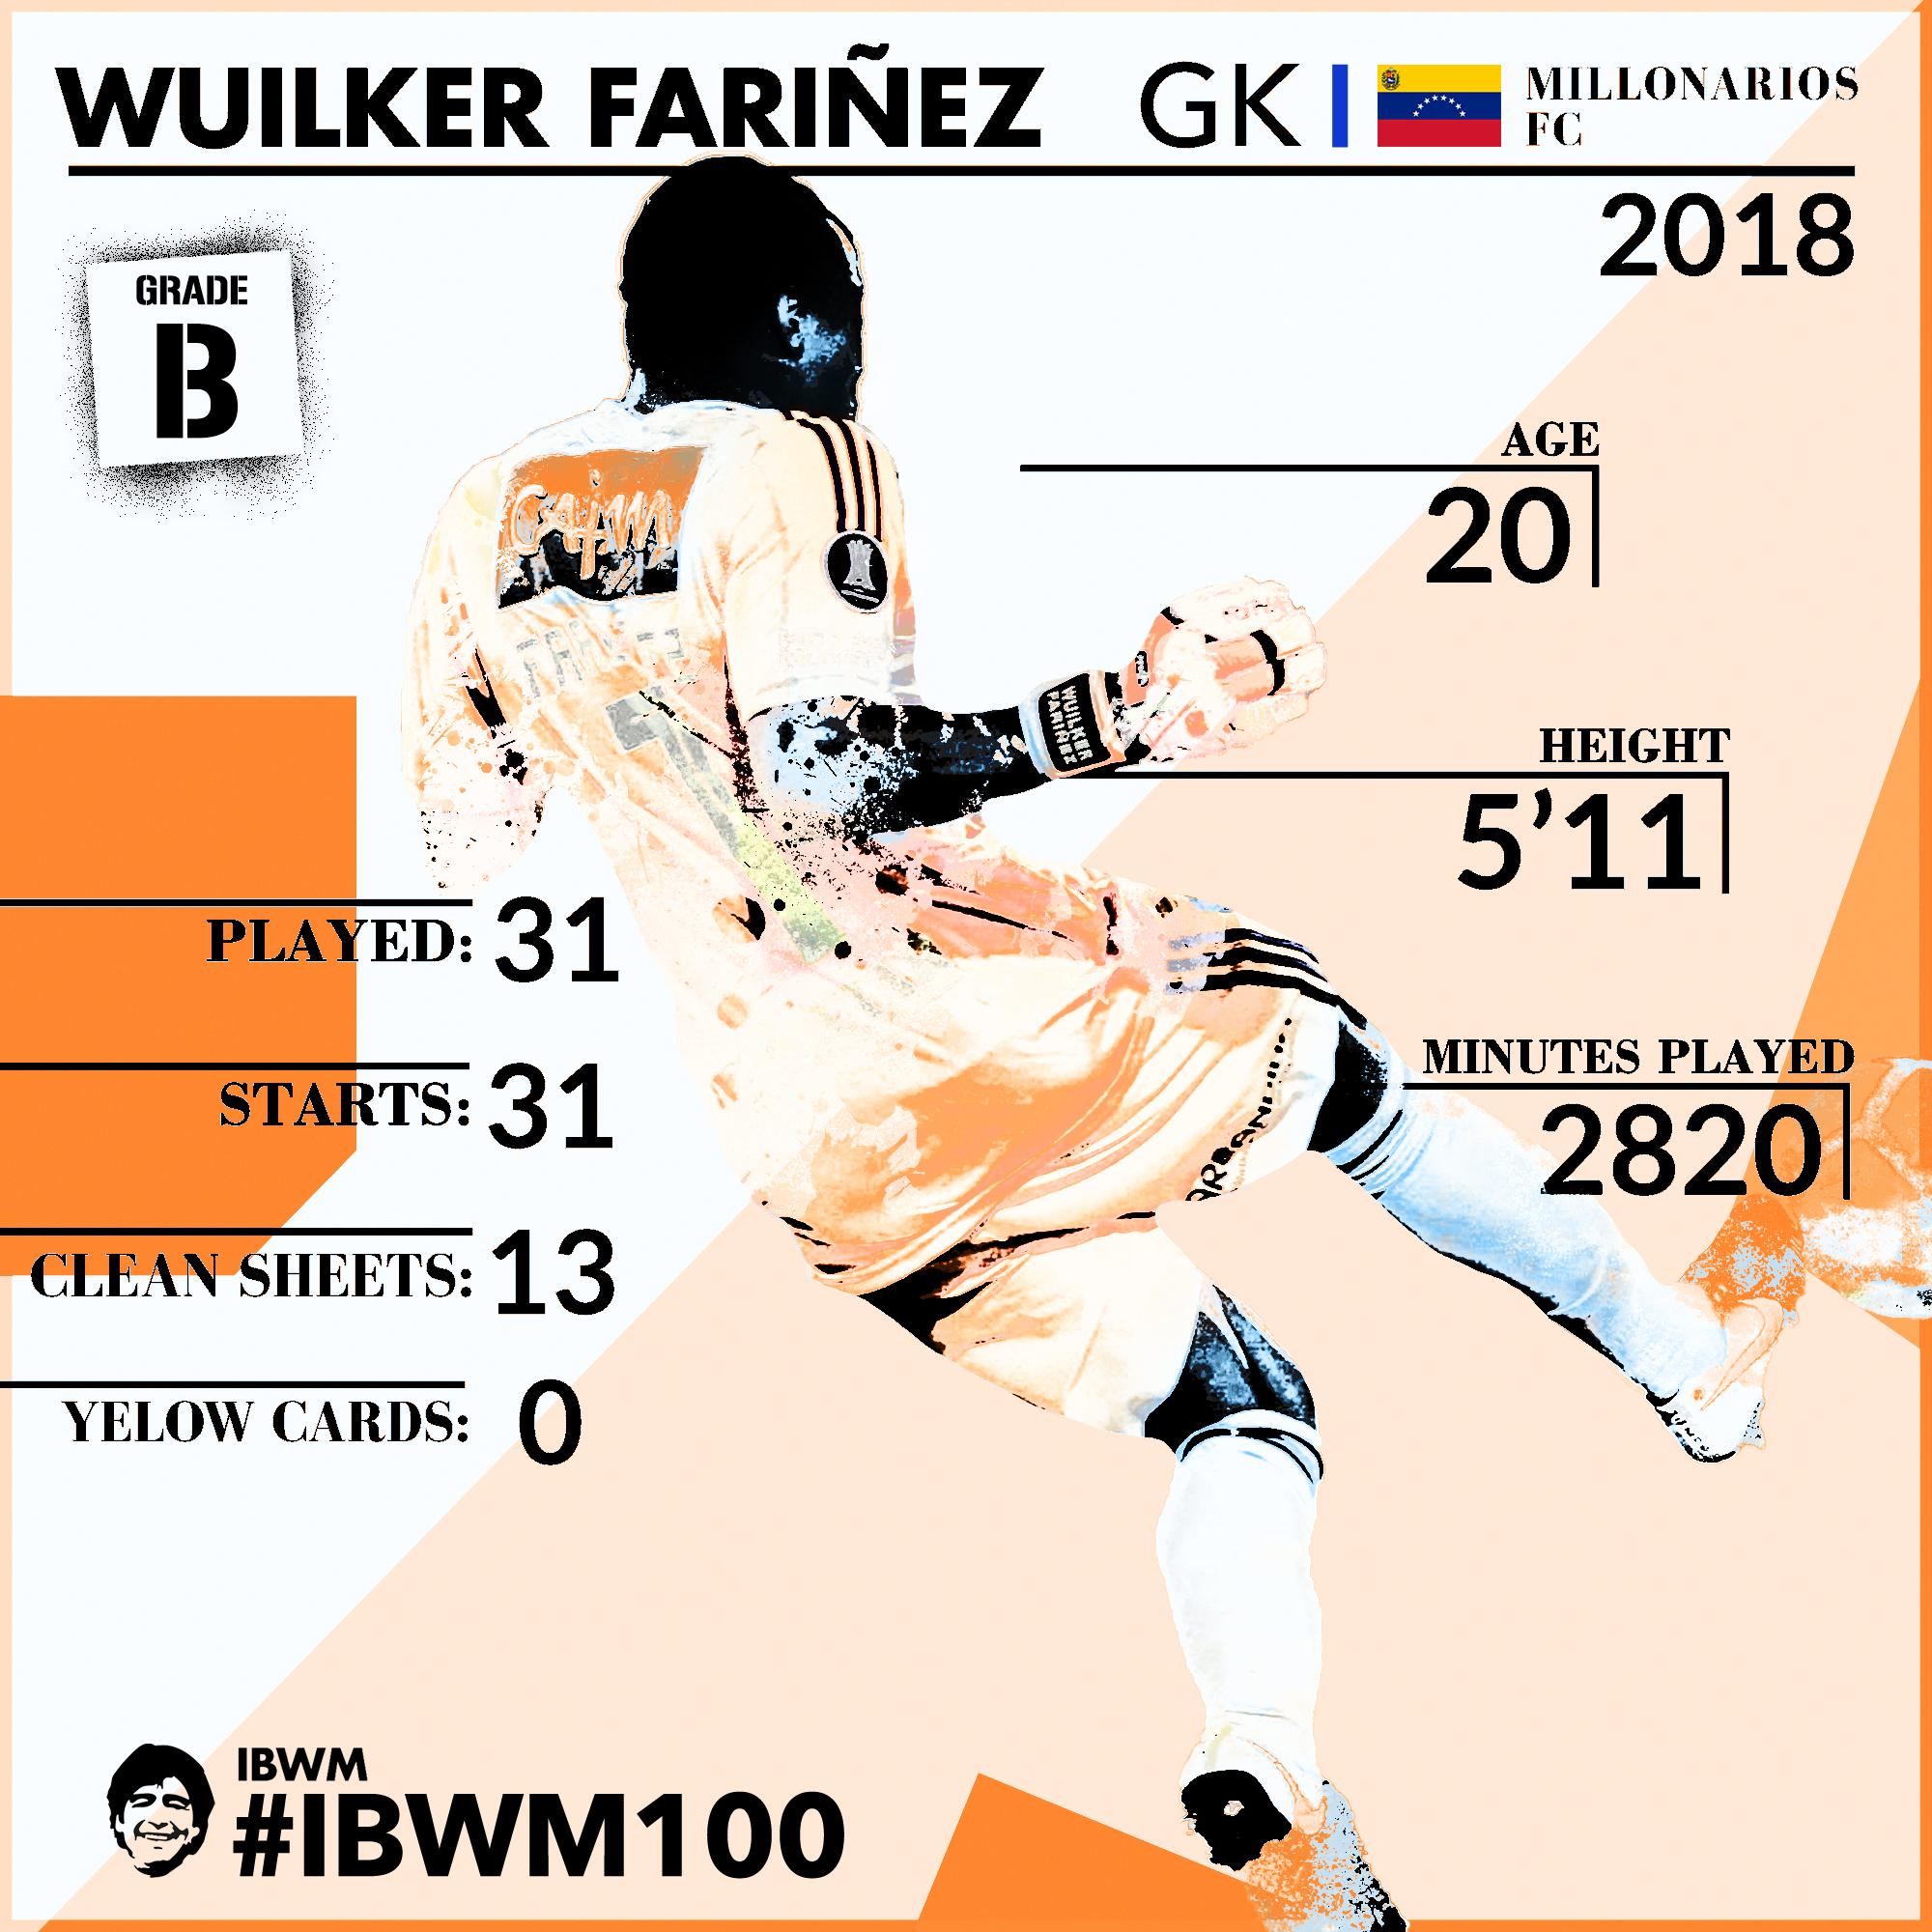 IBWM - Wuilker Farinez.jpg